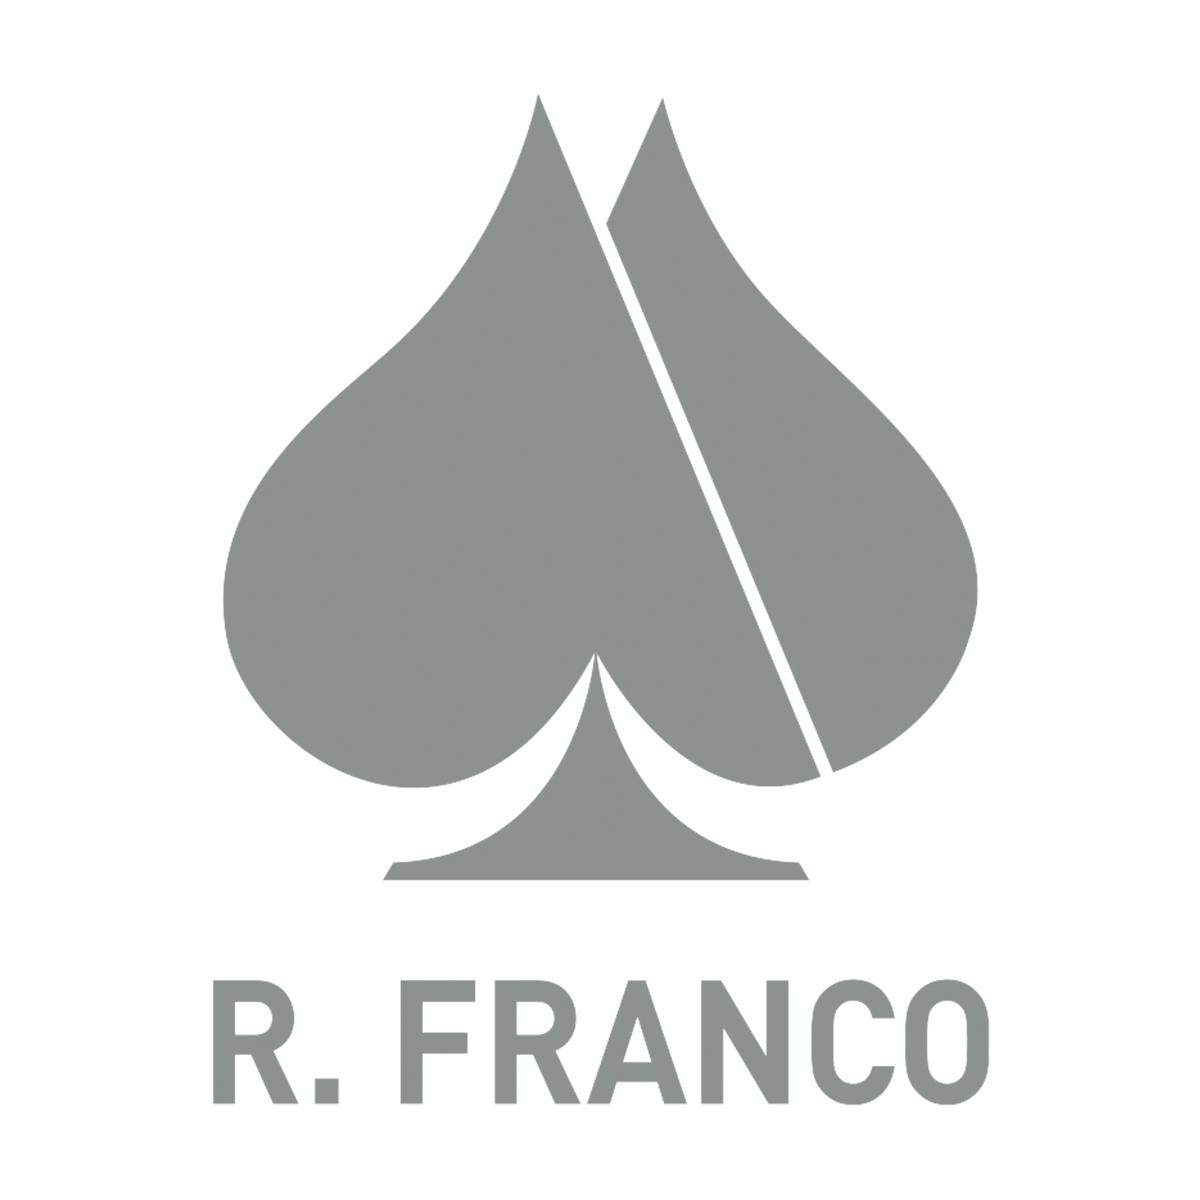 logo rfranco